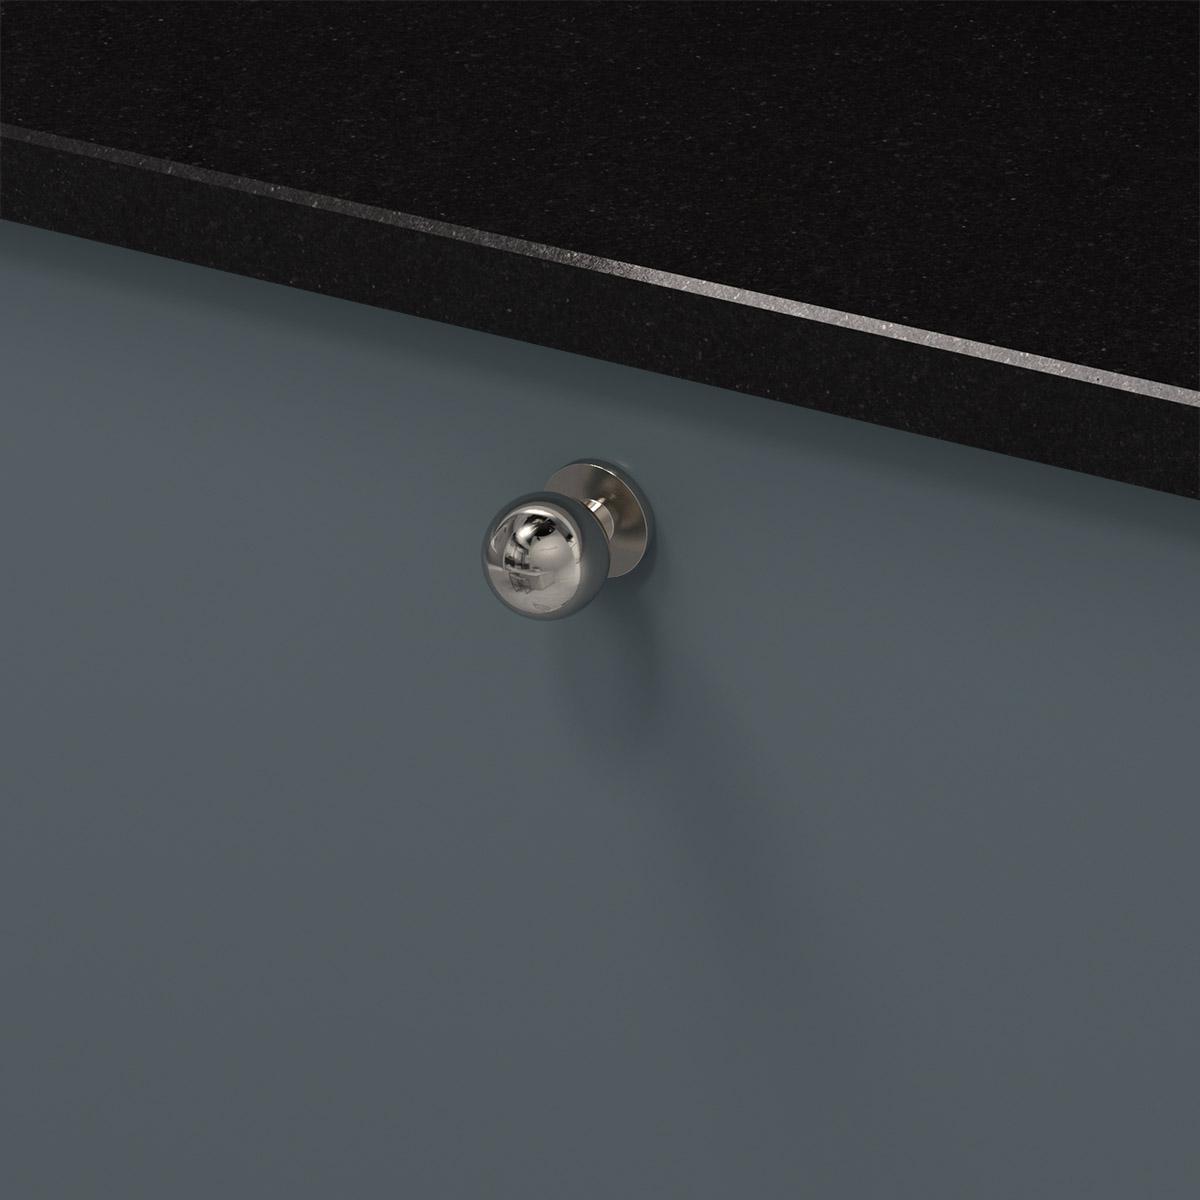 Knopp soliden förnicklad 339430 11 25 mm ncs s 6010 b10g granit svart